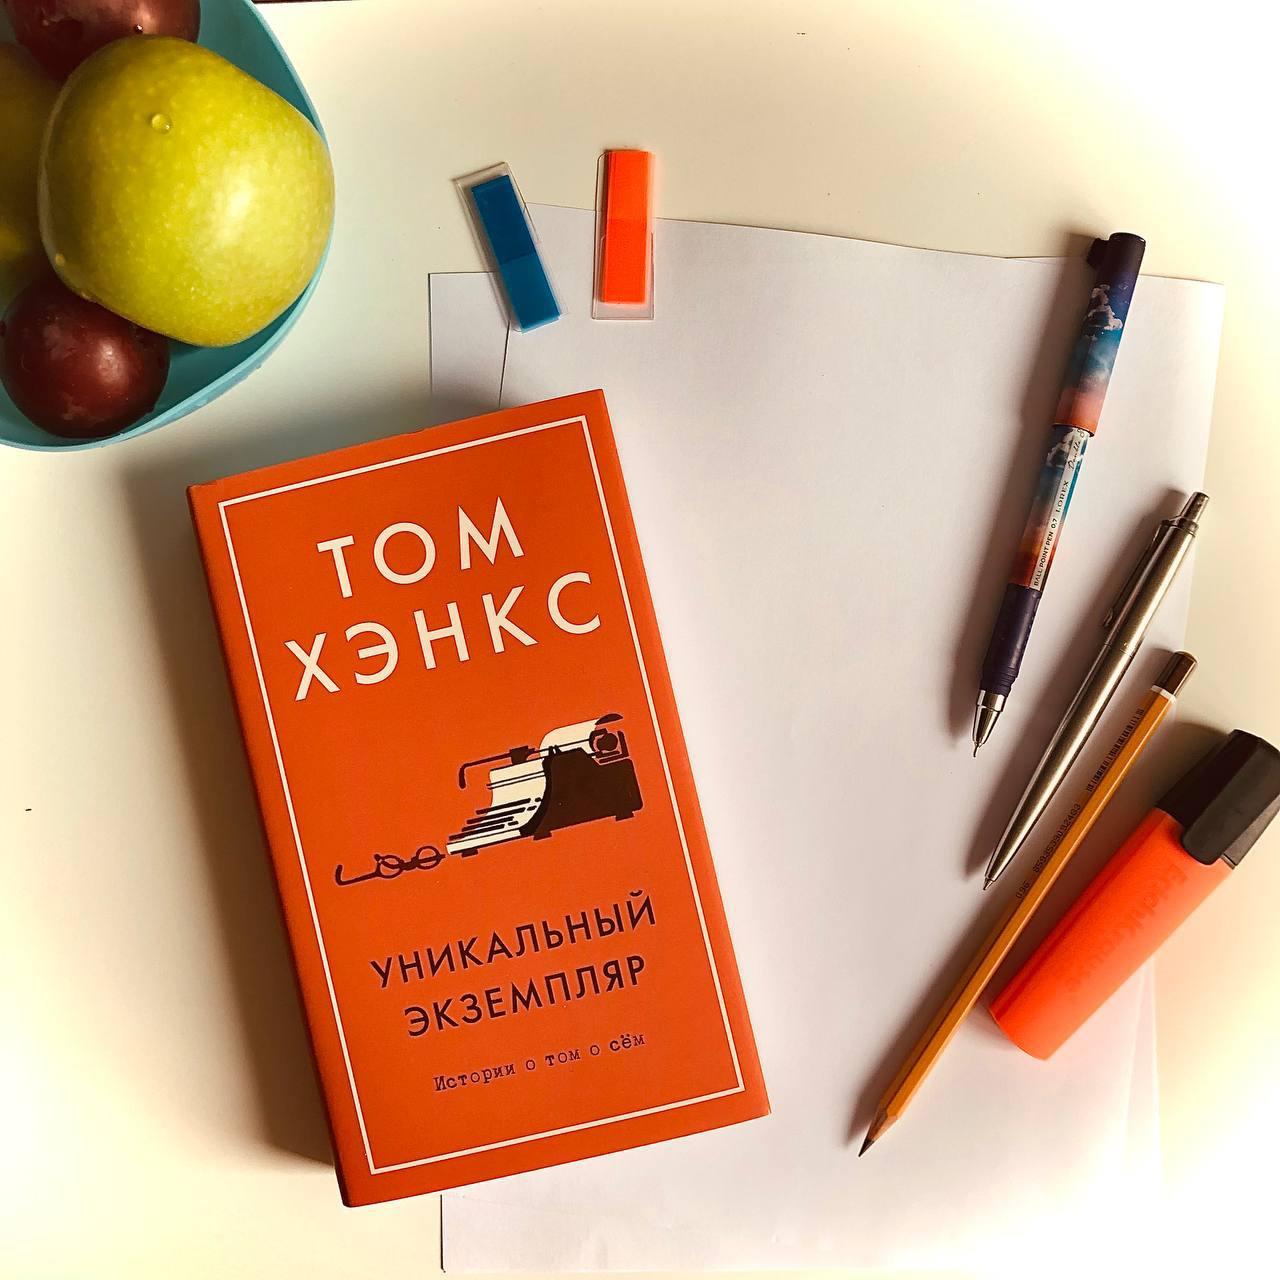 Т.Хэнкс «Уникальный экземпляр» (2017г.)  Чтение - идеальный способ...